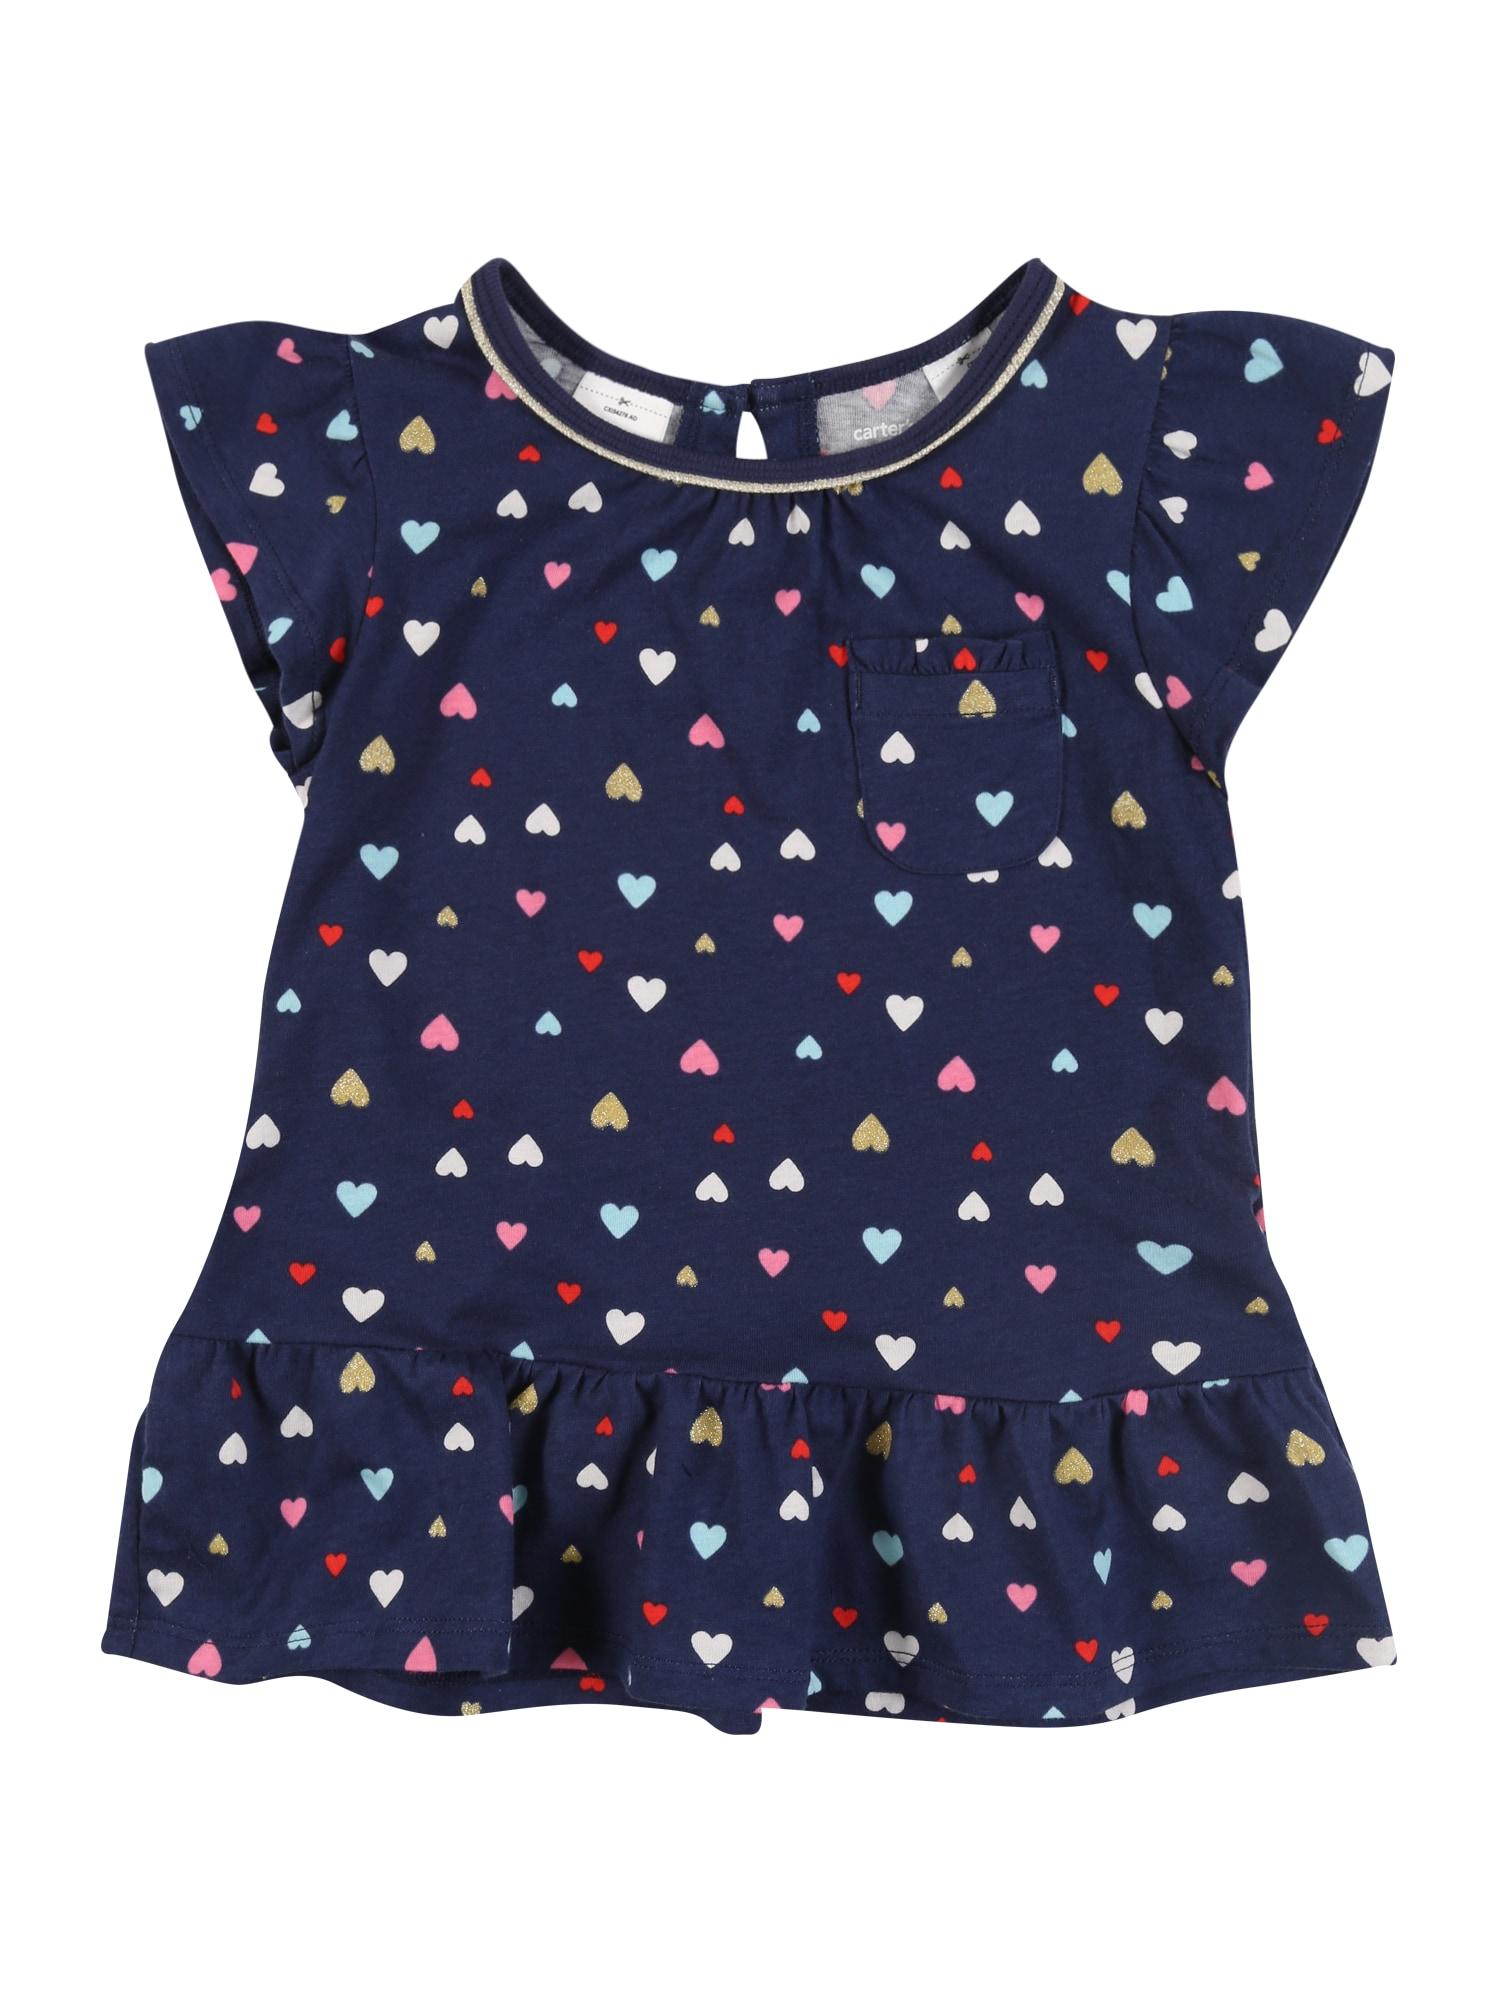 Carter's Marškinėliai 'Jan Key' mišrios spalvos